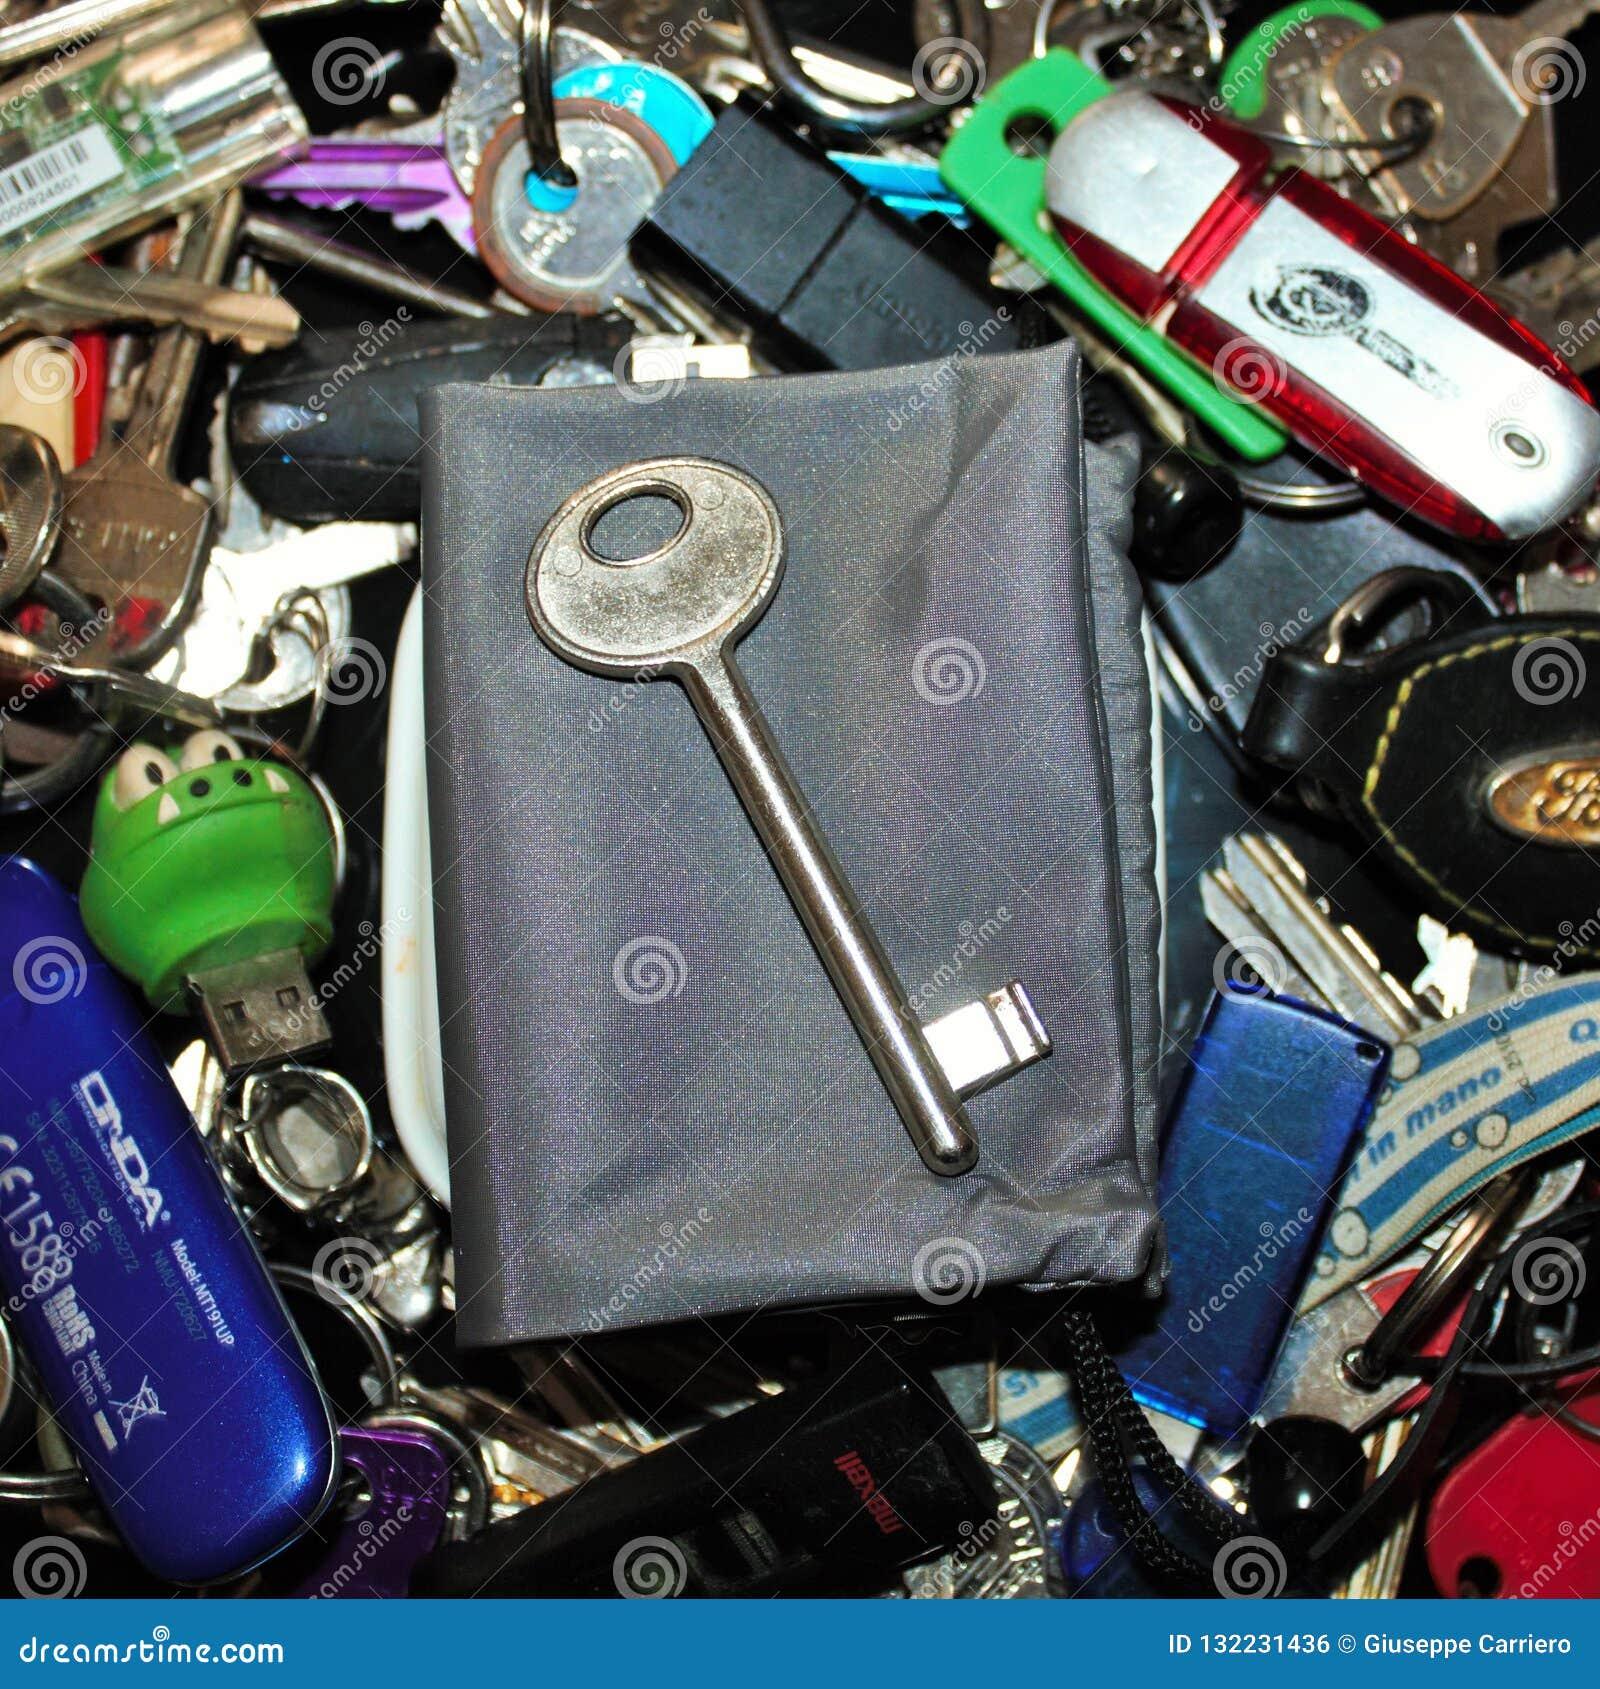 Verschiedene Schlüssel von verschiedenen Arten und von Größen mit einem Schlüssel in der Mitte